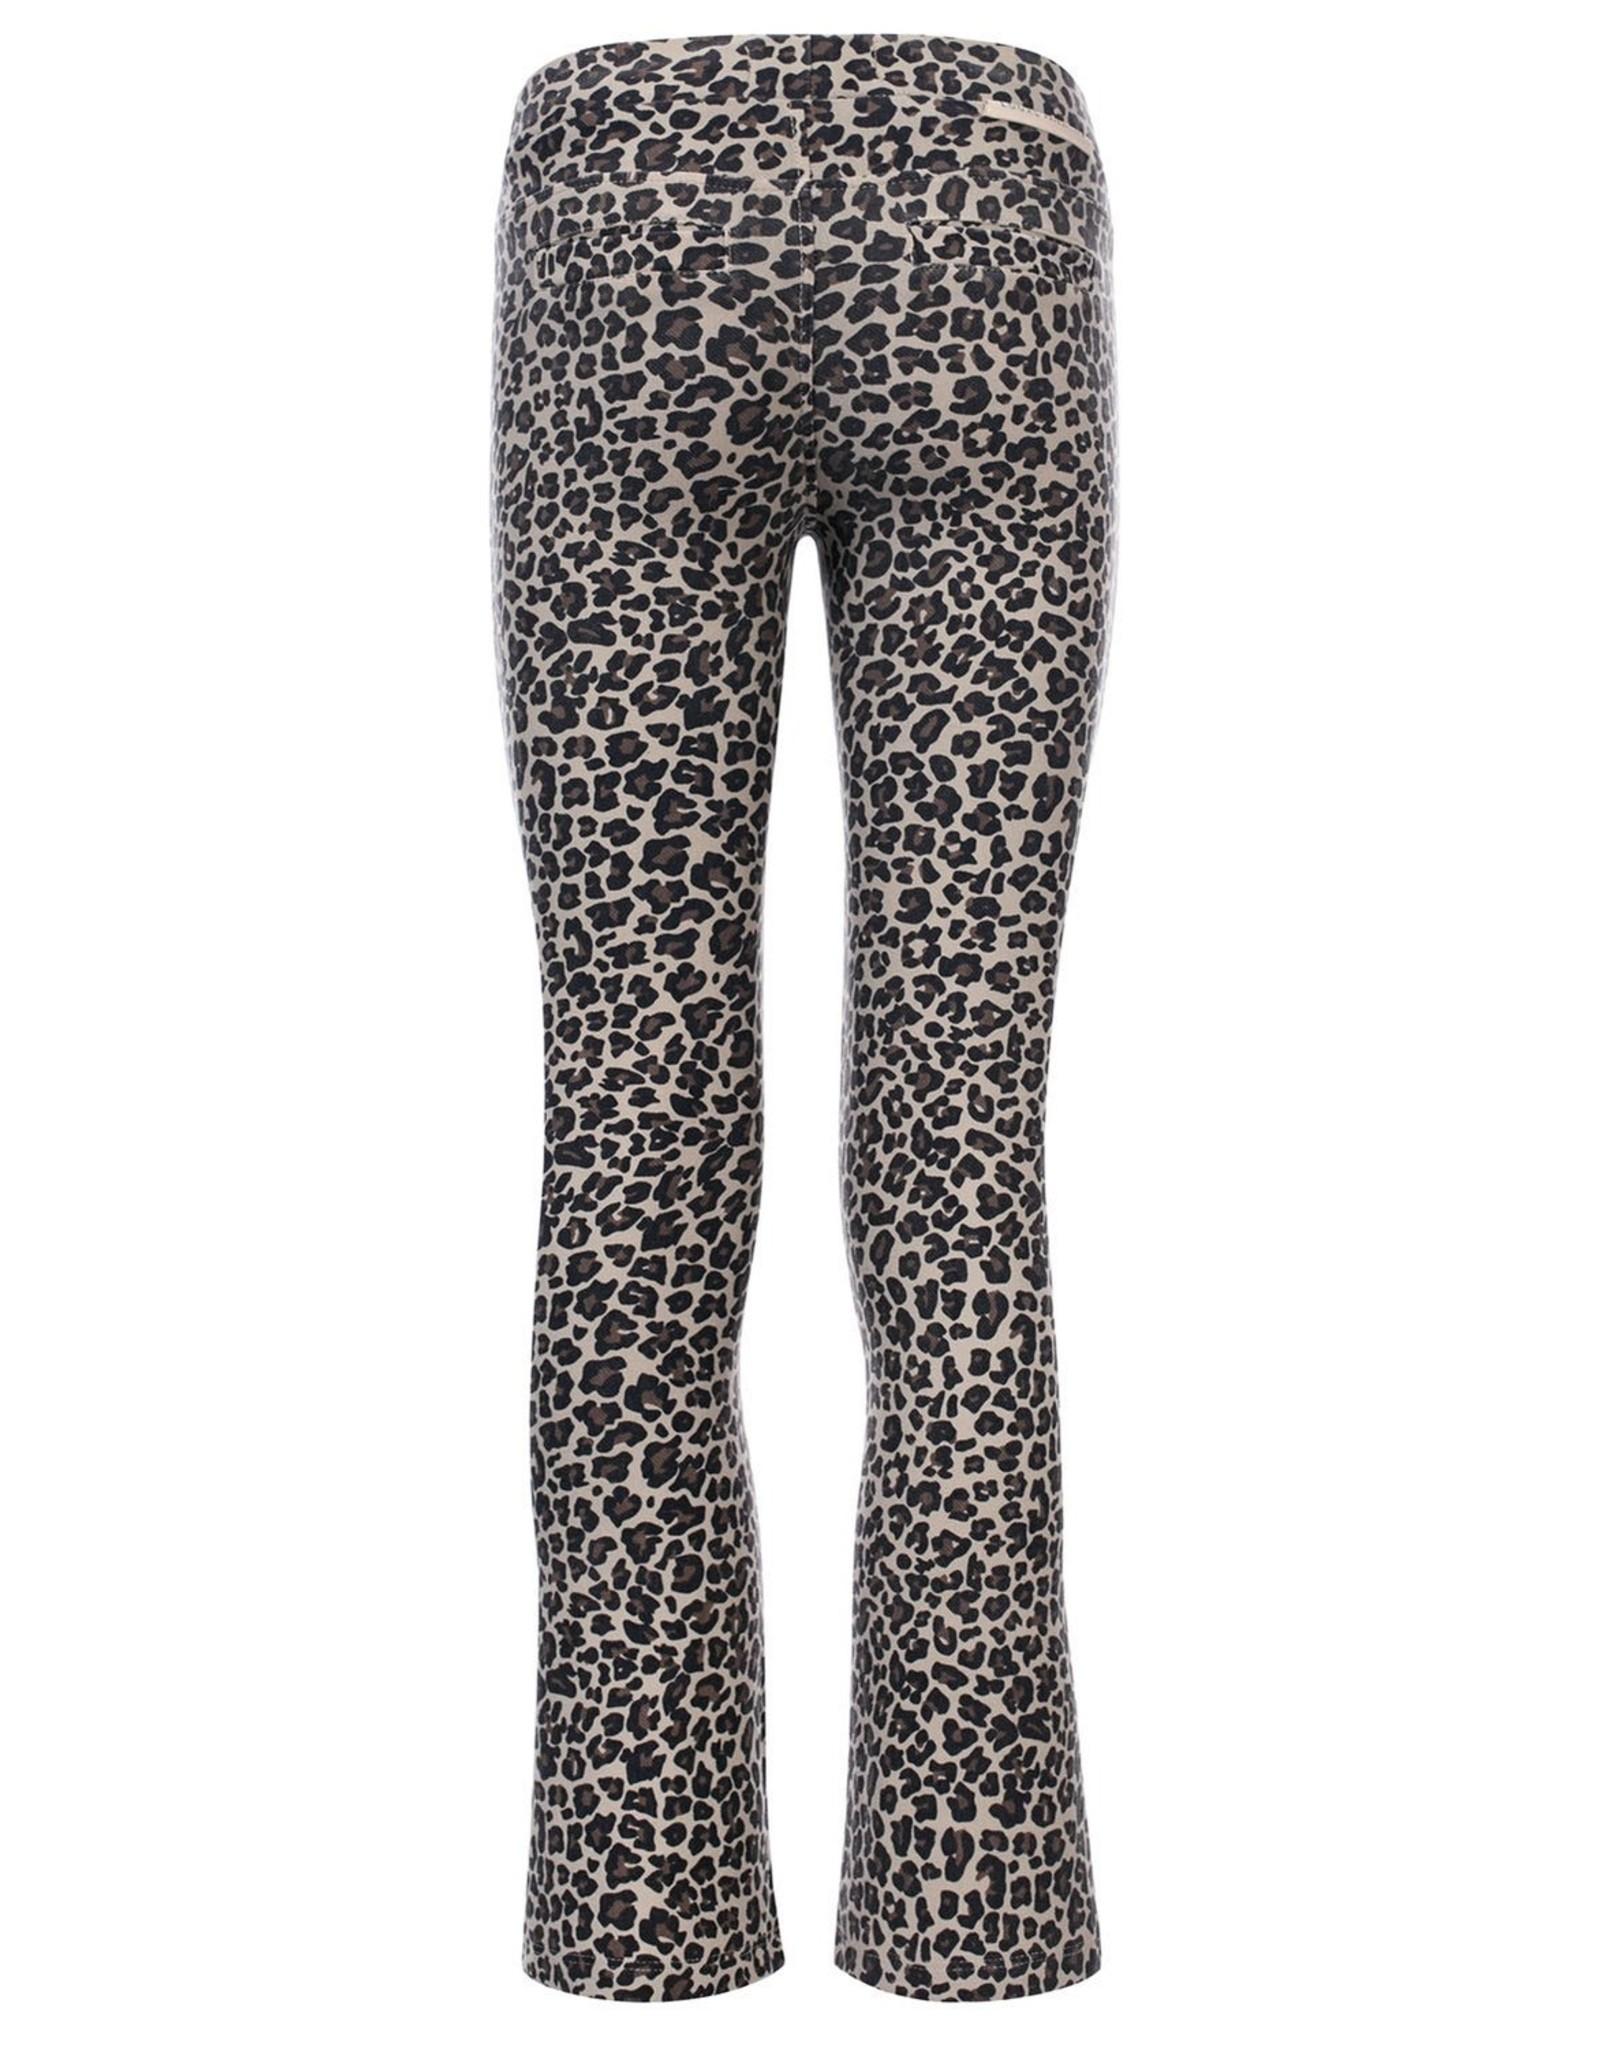 LOOXS 10sixteen Flare pants jaguar